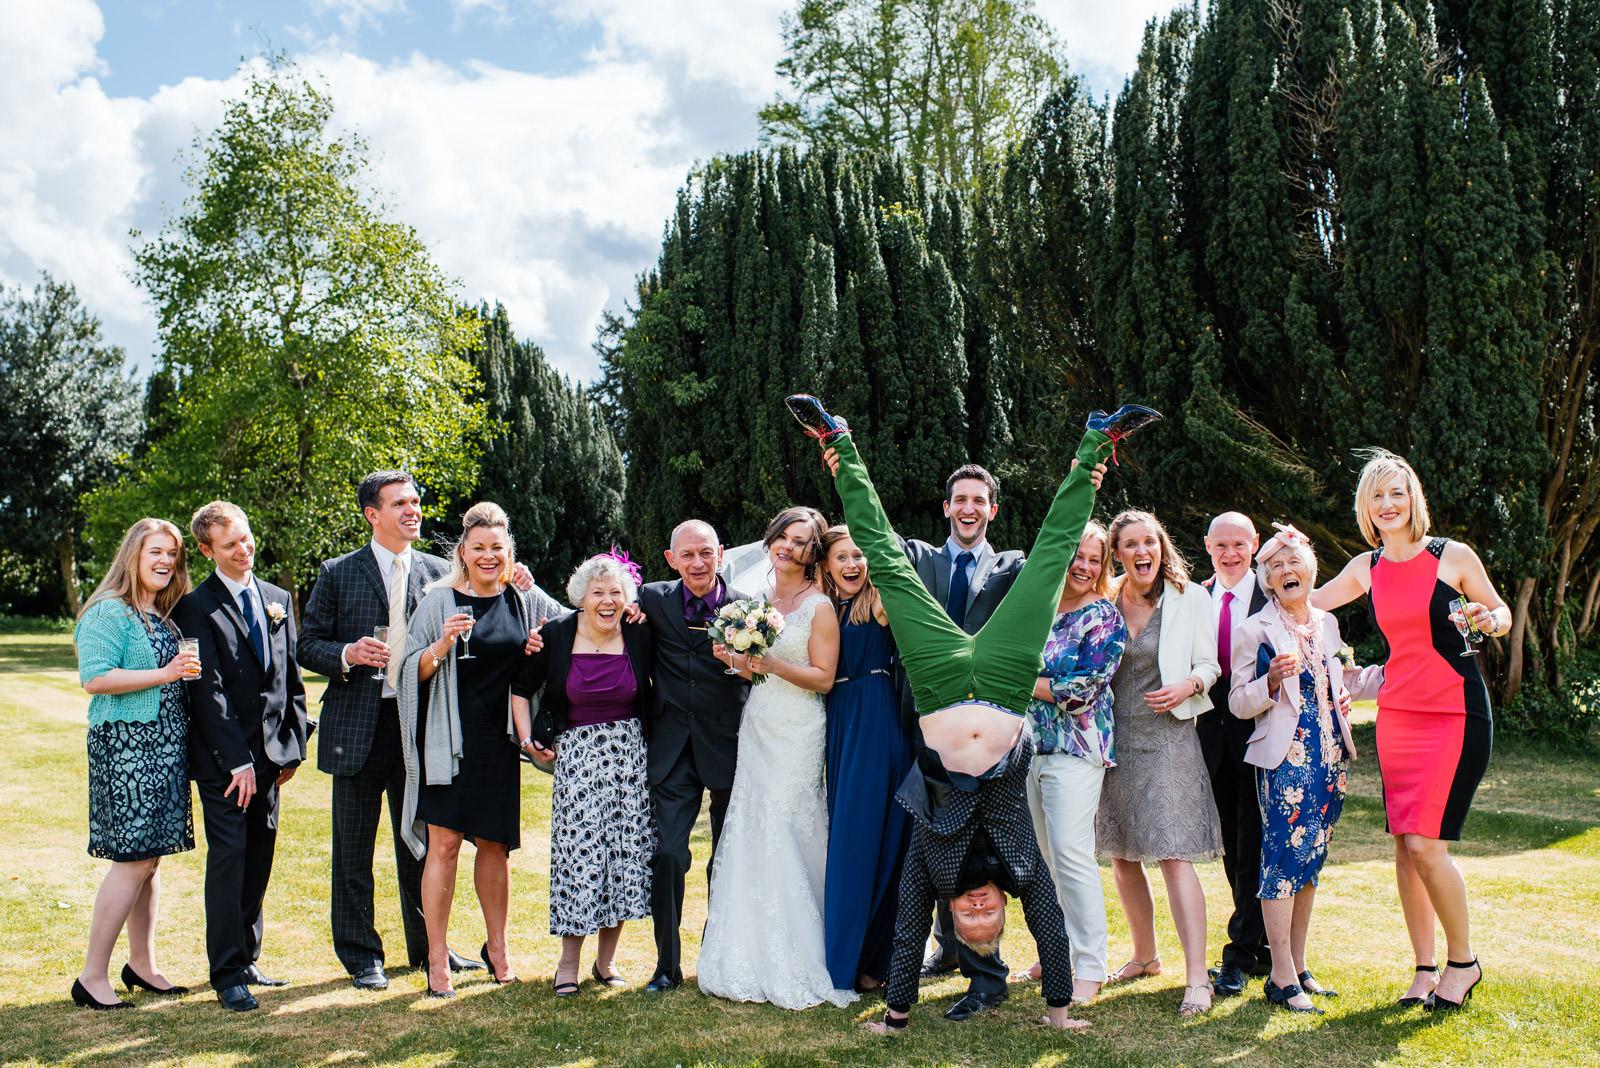 Formal Family Wedding Photos